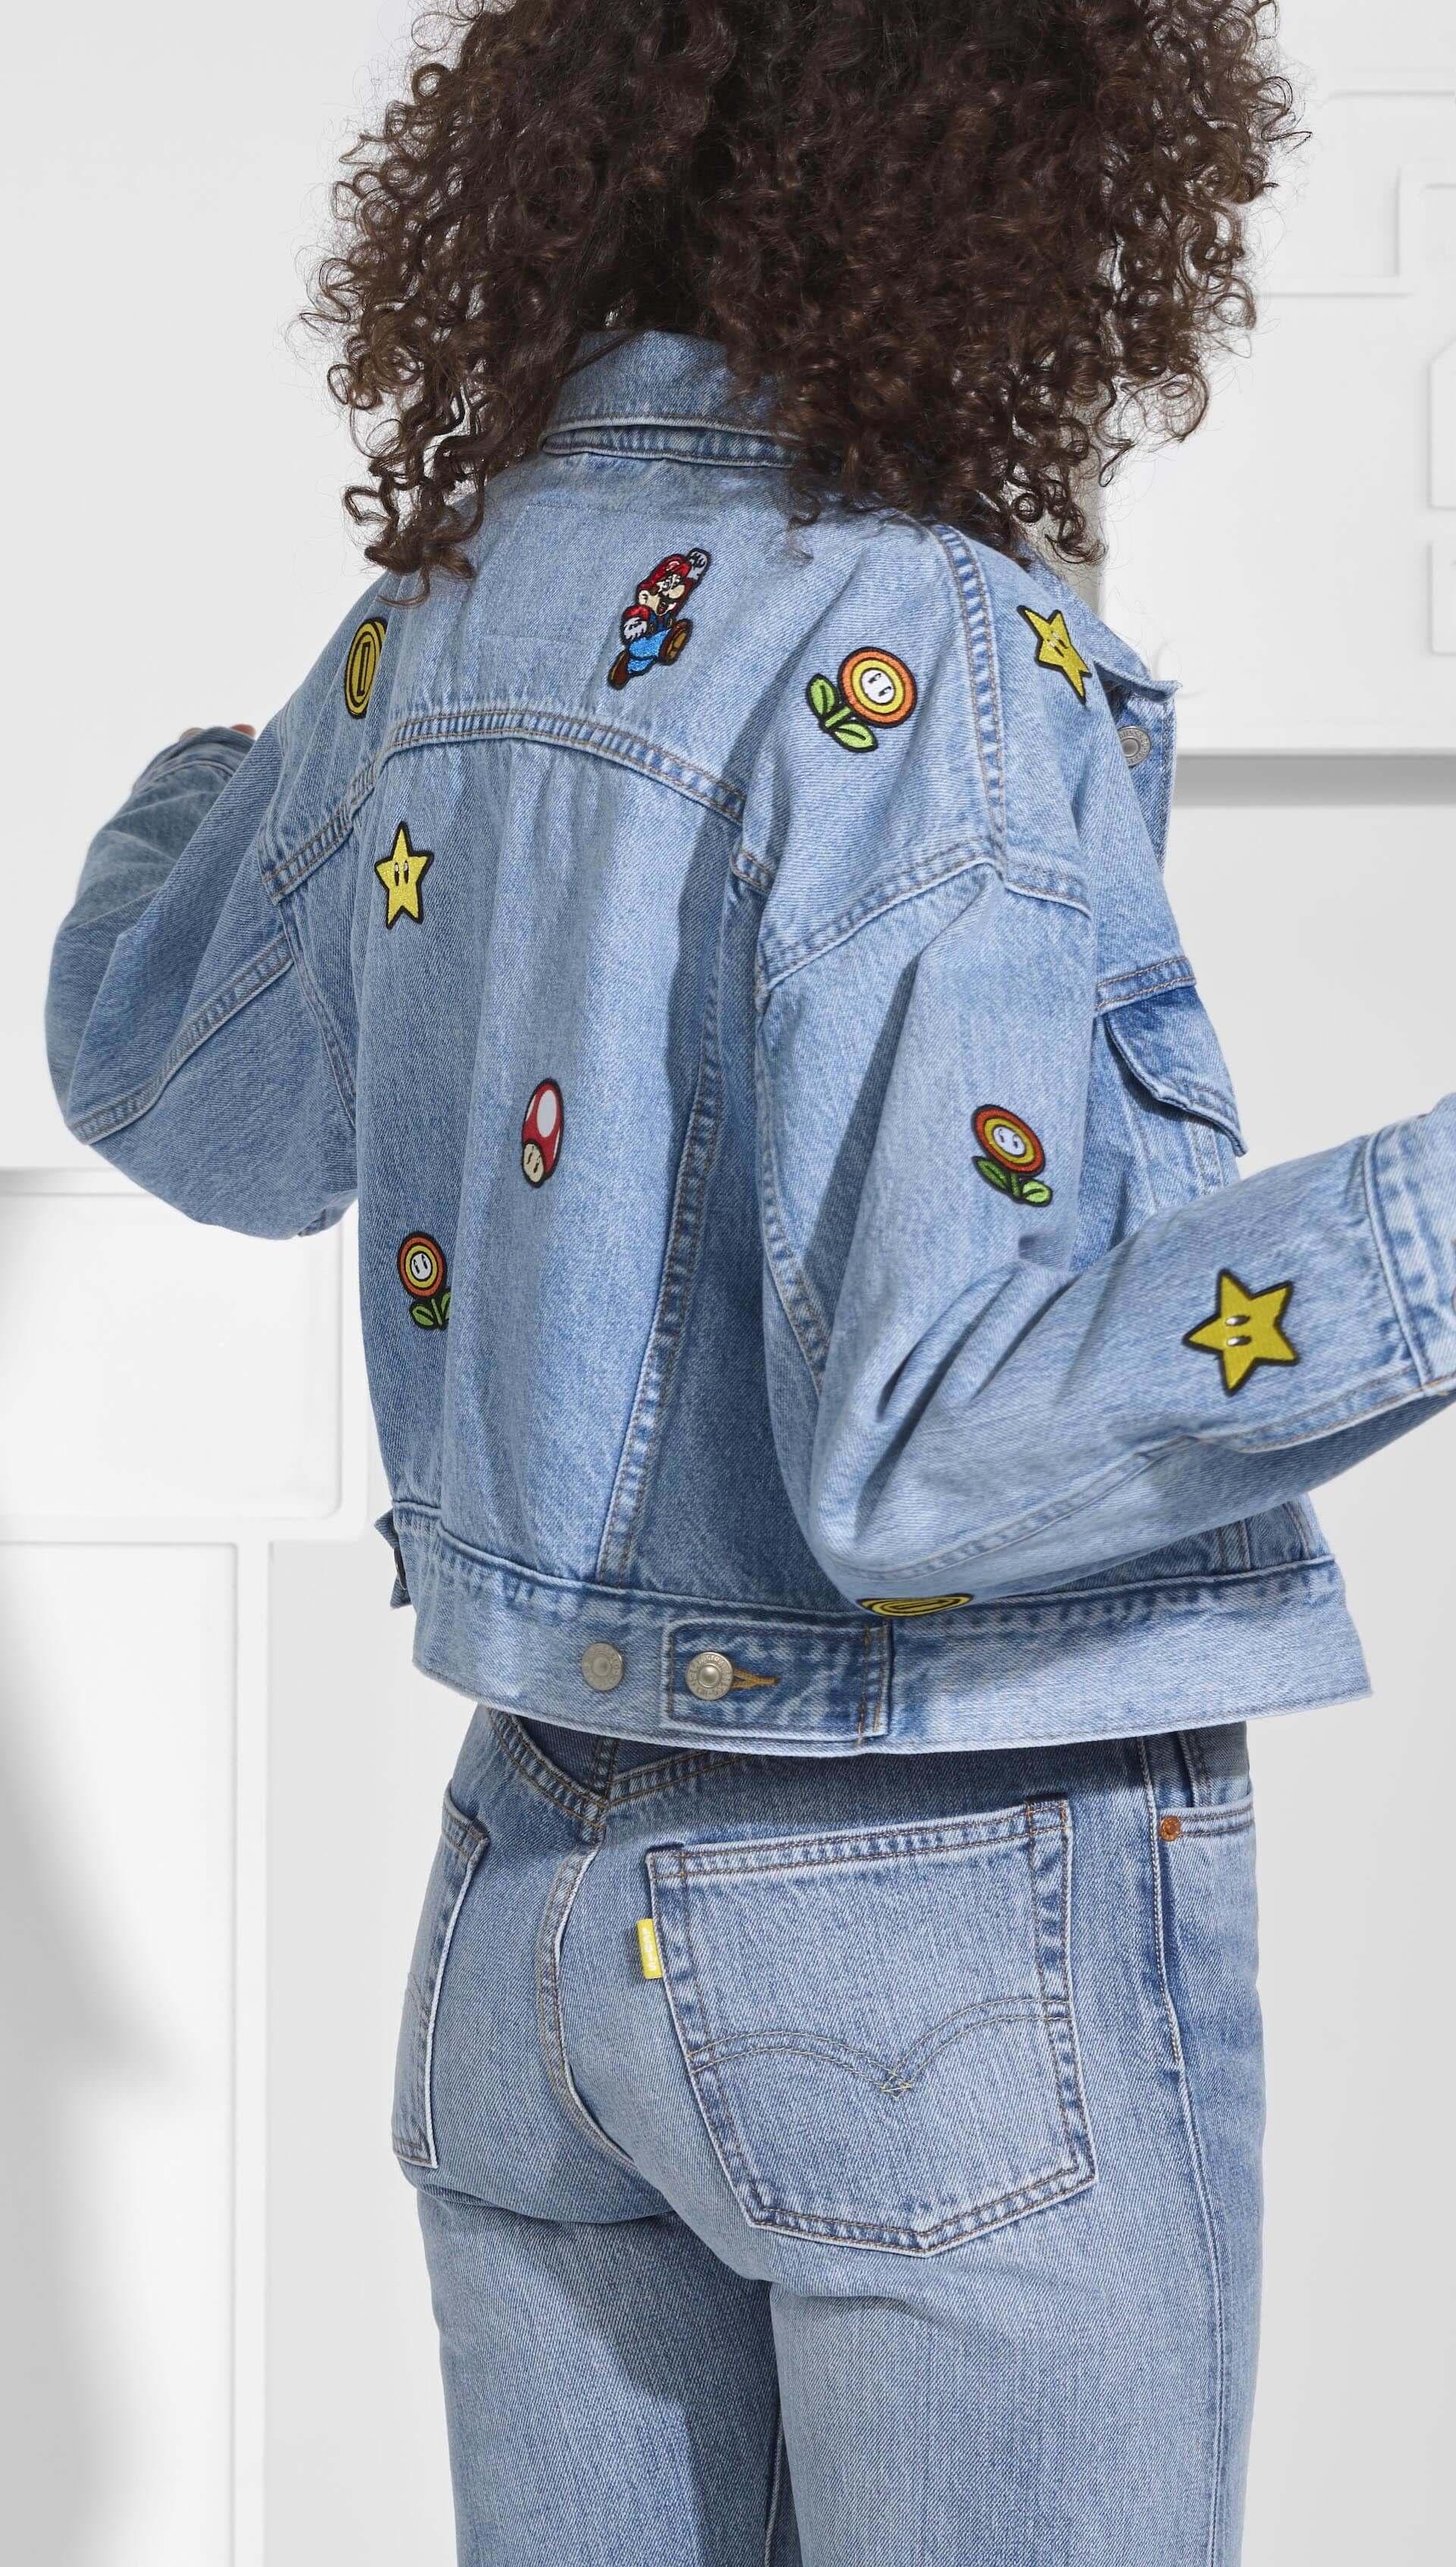 スーパーマリオとリーバイスがコラボ!マリオやルイージ、ヨッシー、ピーチ姫などが配されたデニムアイテム中心のコレクションが発売決定 life200304_mariolevis_6-1920x3385